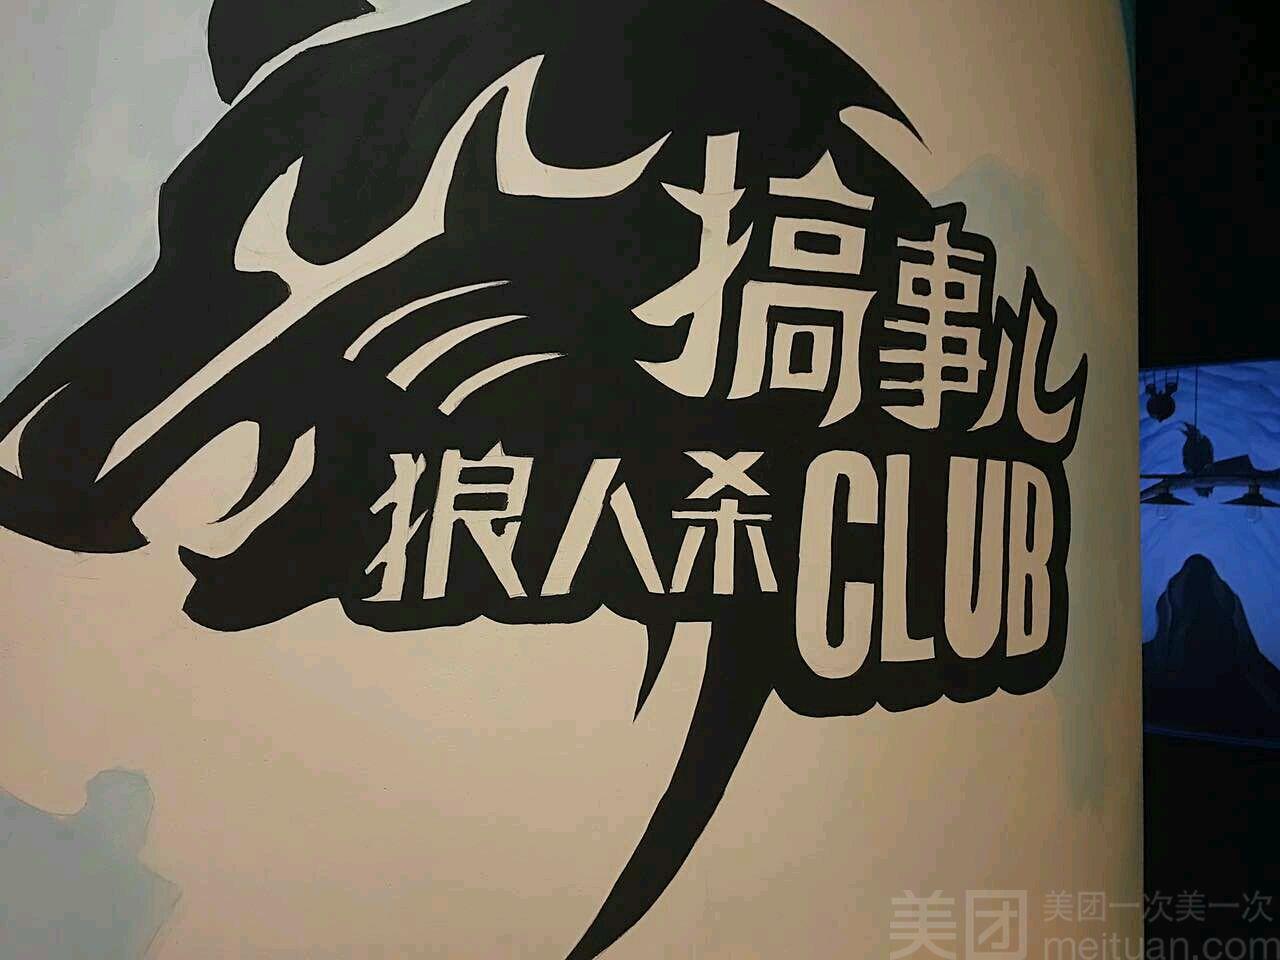 搞事儿狼人杀俱乐部-美团